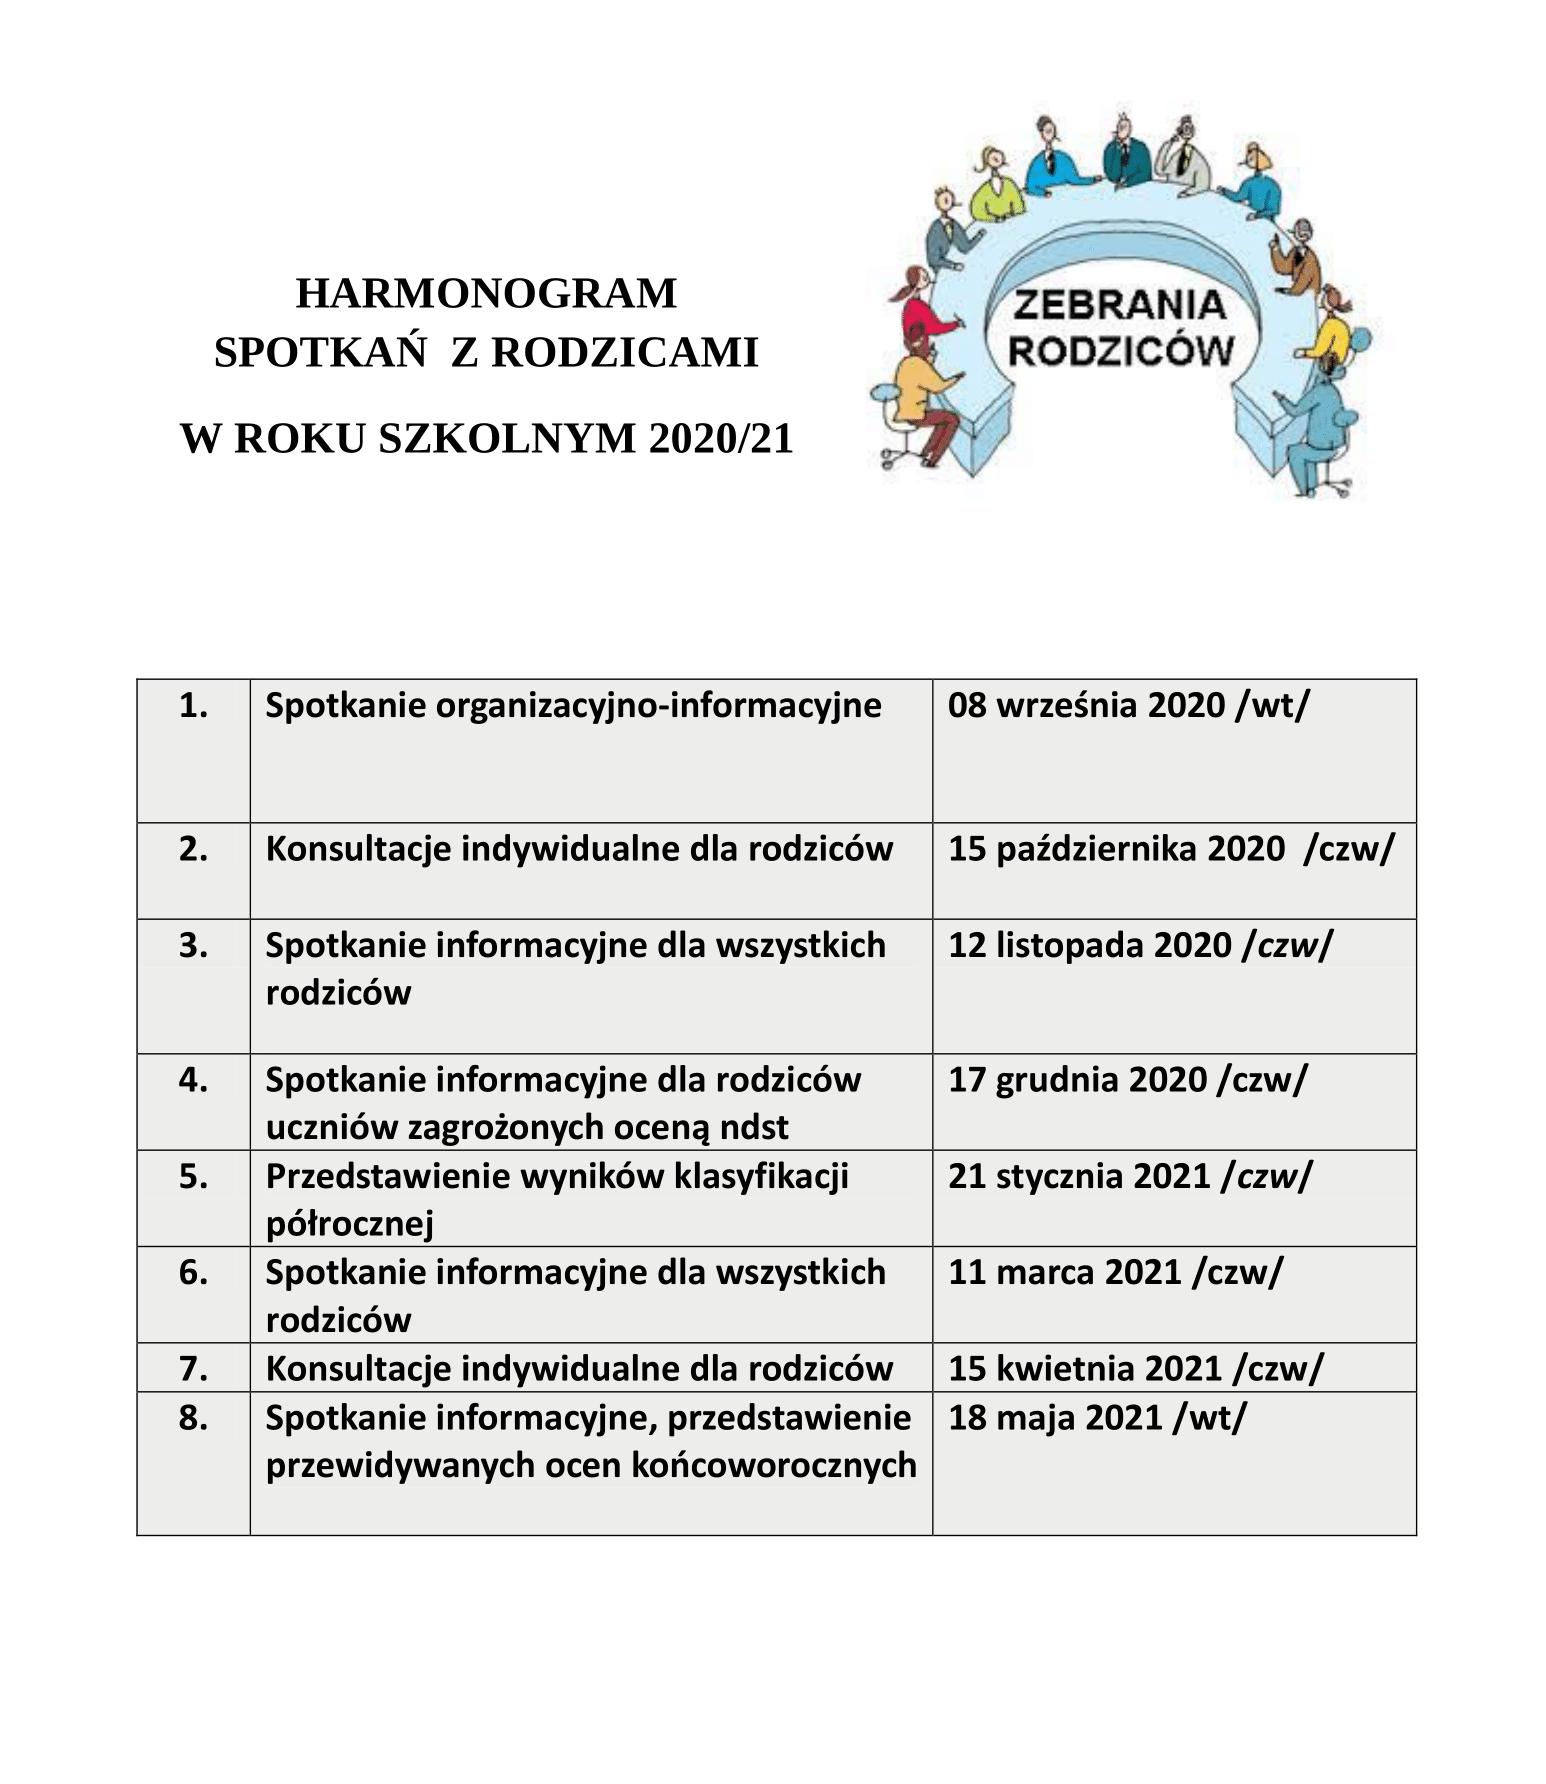 https://m.powiatszczycienski.pl/2020/09/orig/harmonogram-spotkan-z-rodzicami-12-34280.png